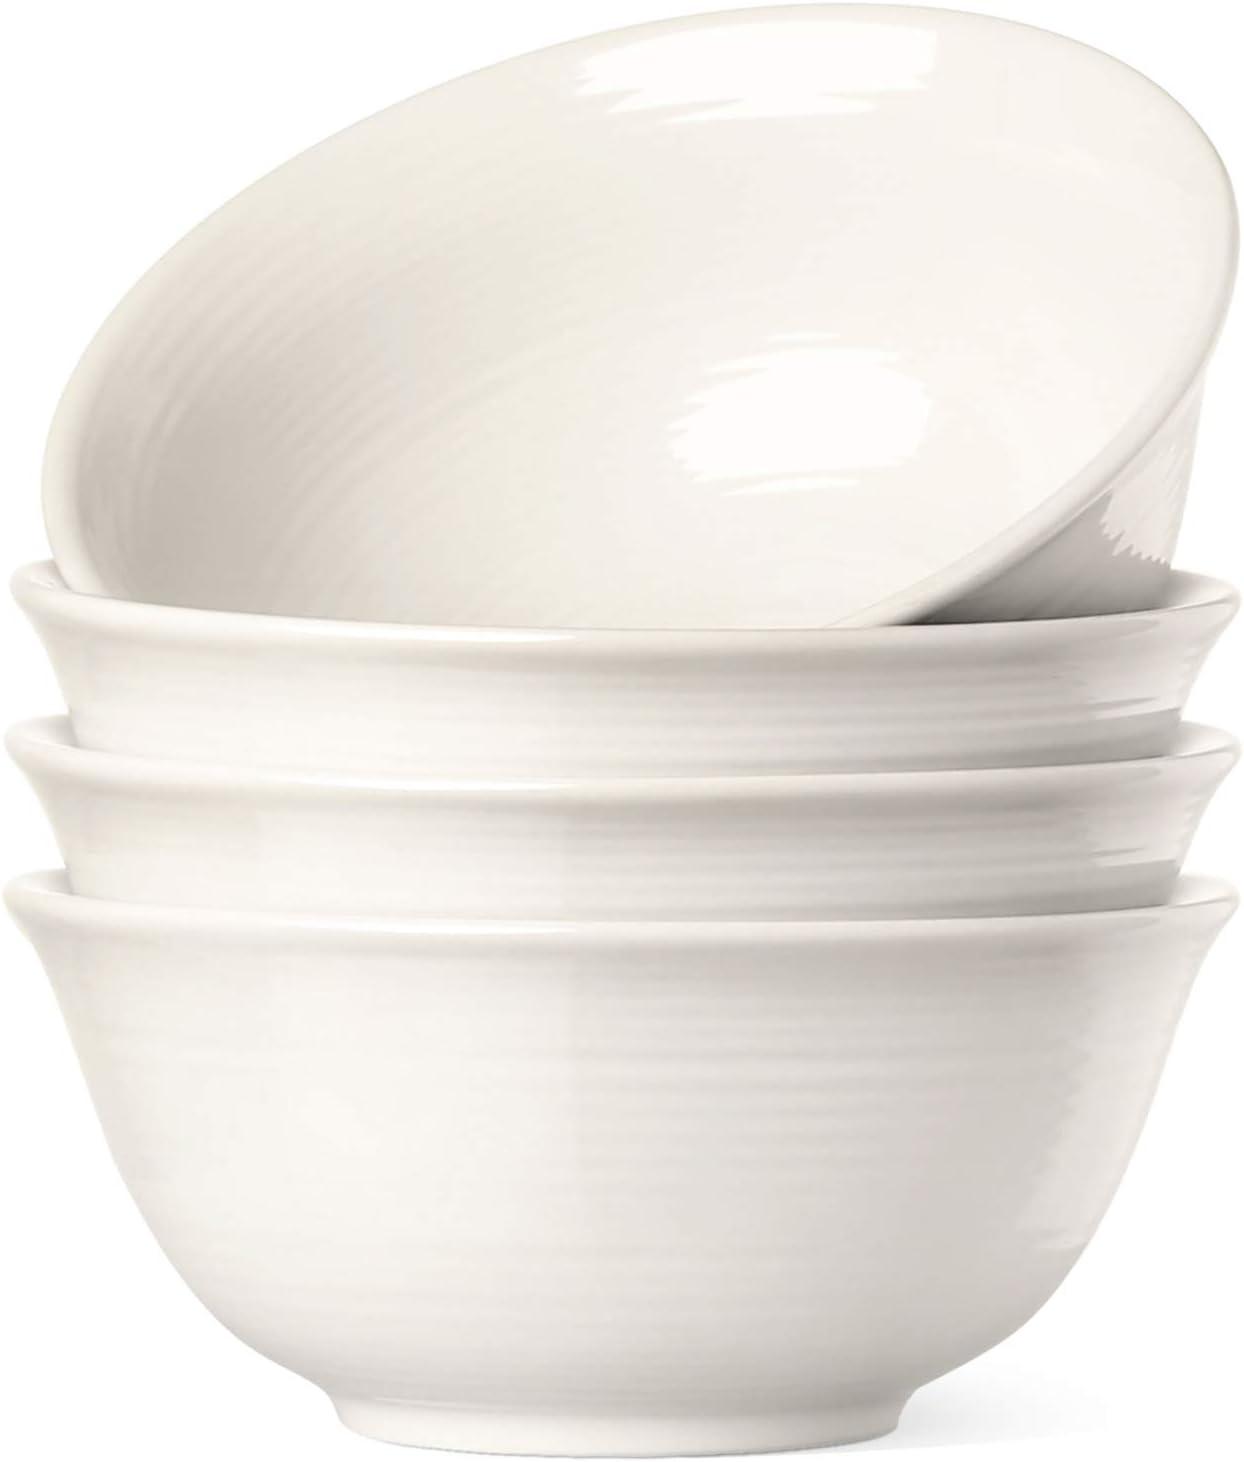 Le Tauci 4 Piece Cereal Soup Bowls Set, 18 Ounce White